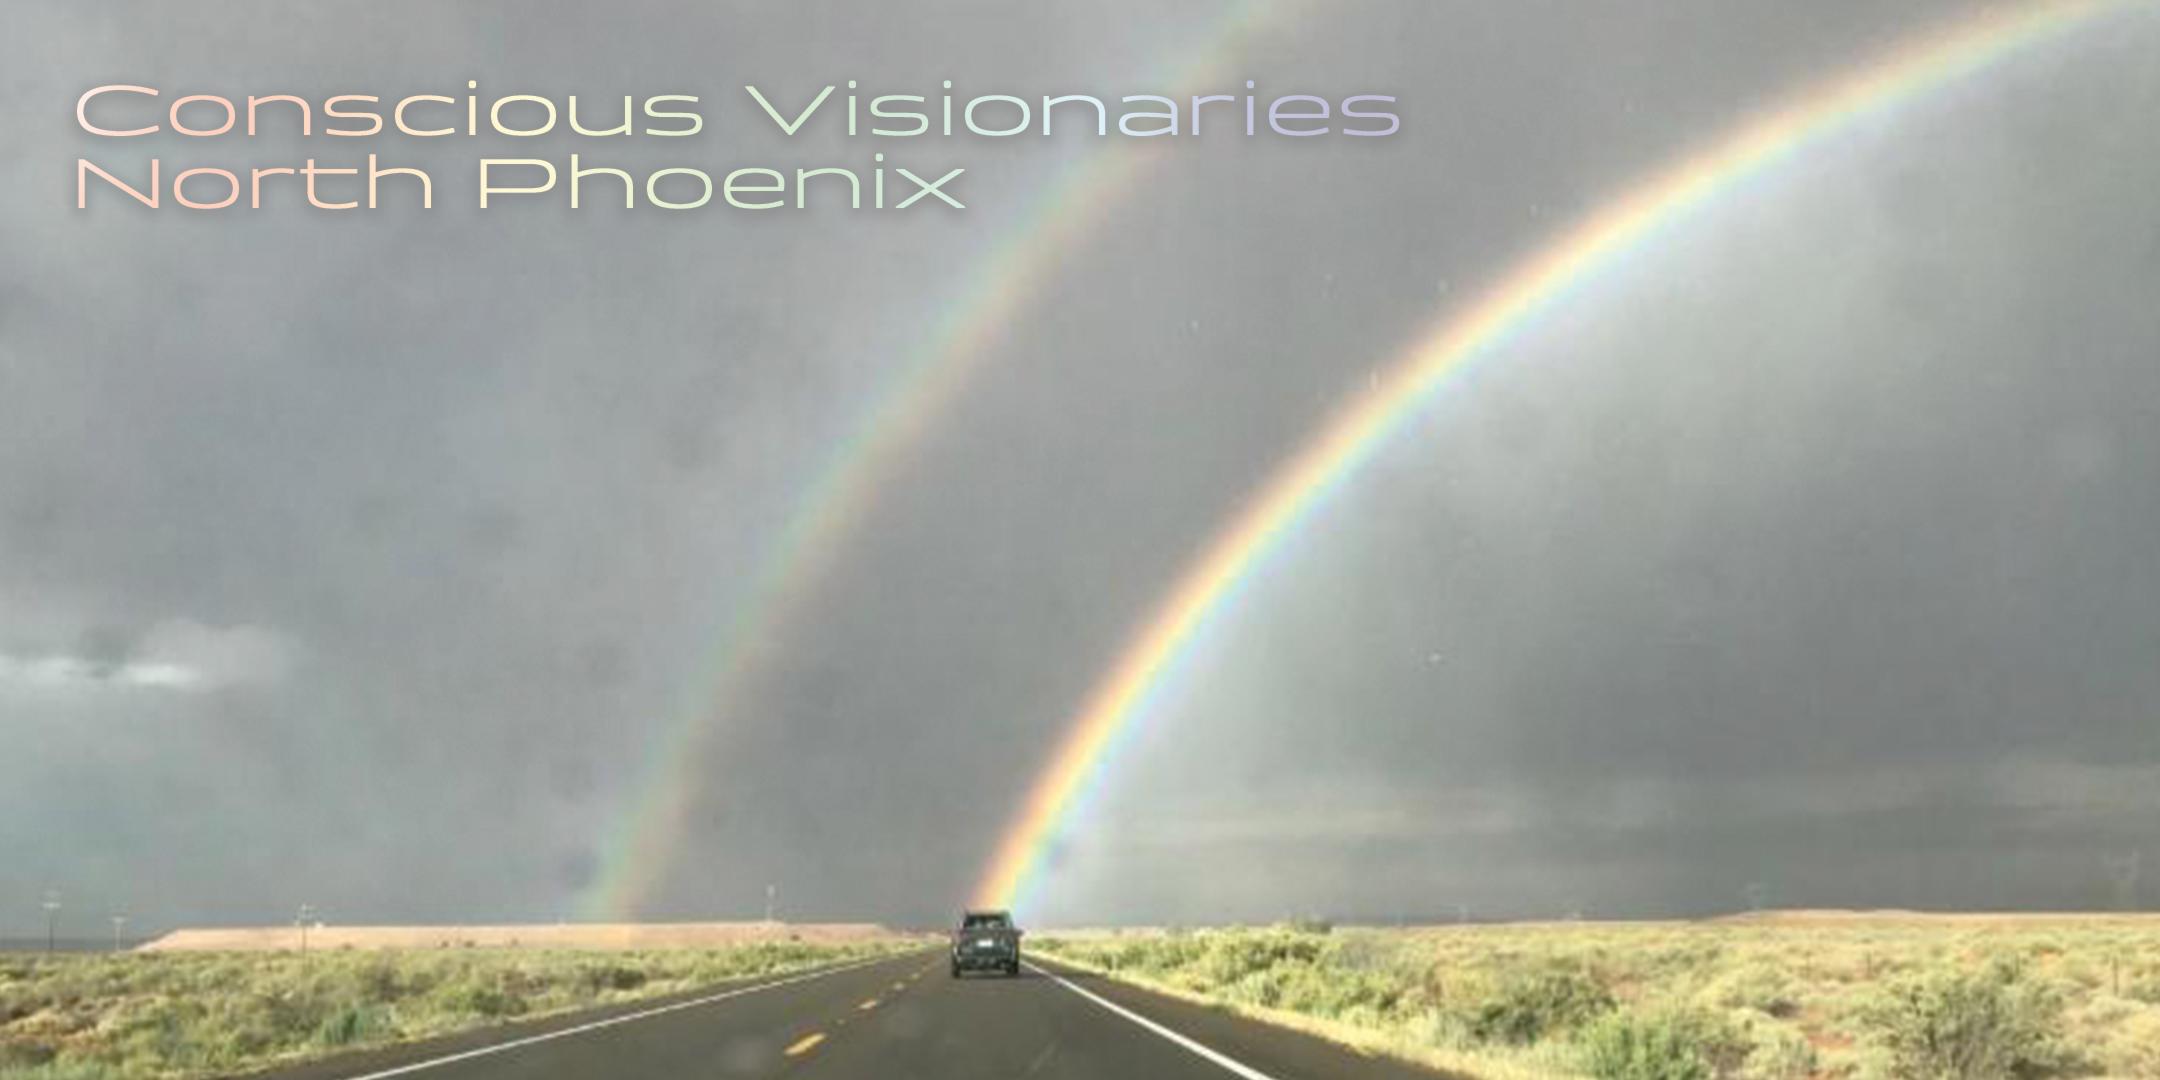 PoG_Eventbrite_Amanda_Conscious-Visionaries.jpg